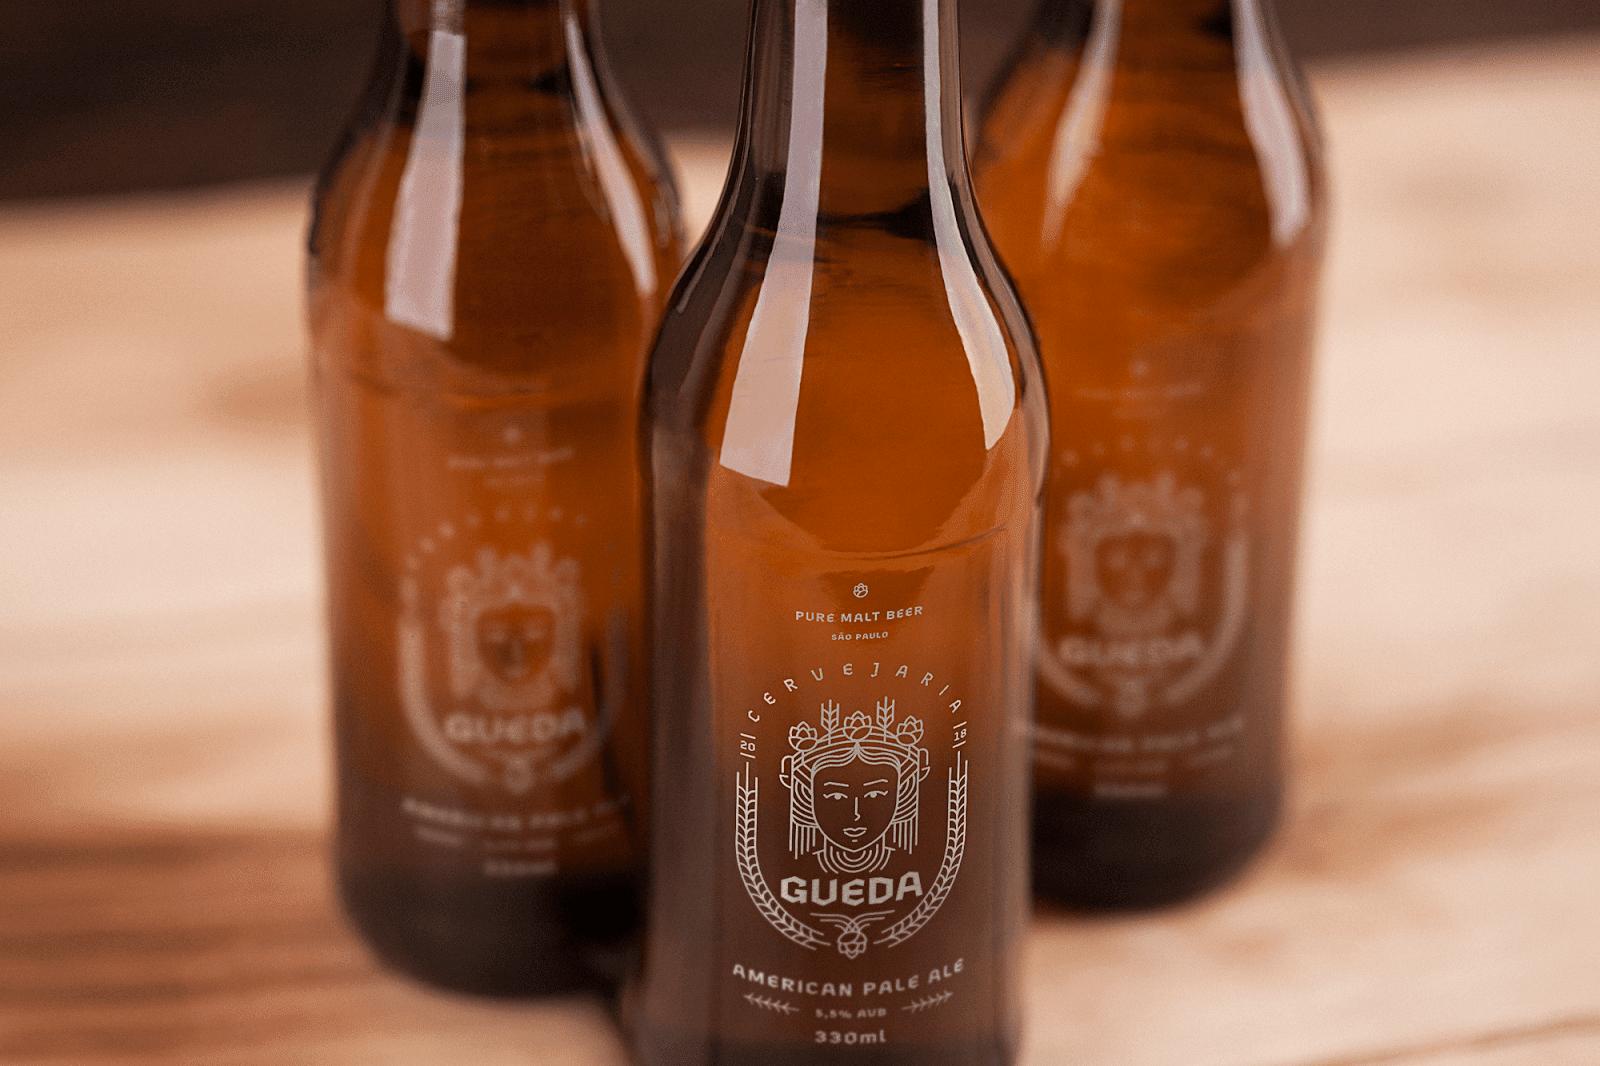 3 gueda - Ach, tie obaly – Gueda Brewing Co.